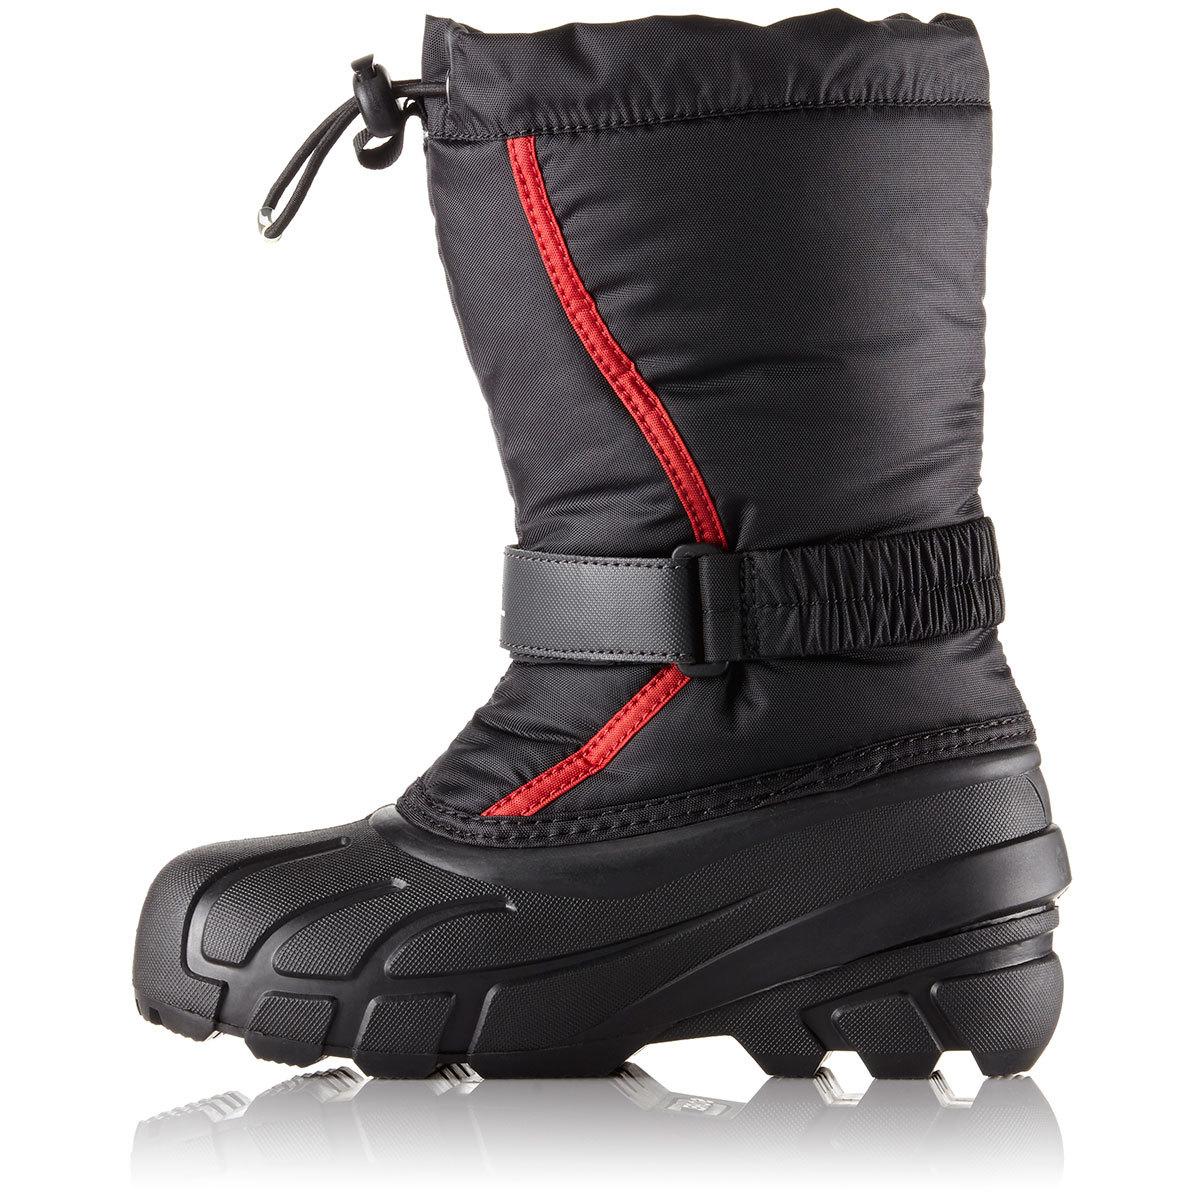 SOREL Boys' Flurry Waterproof Winter